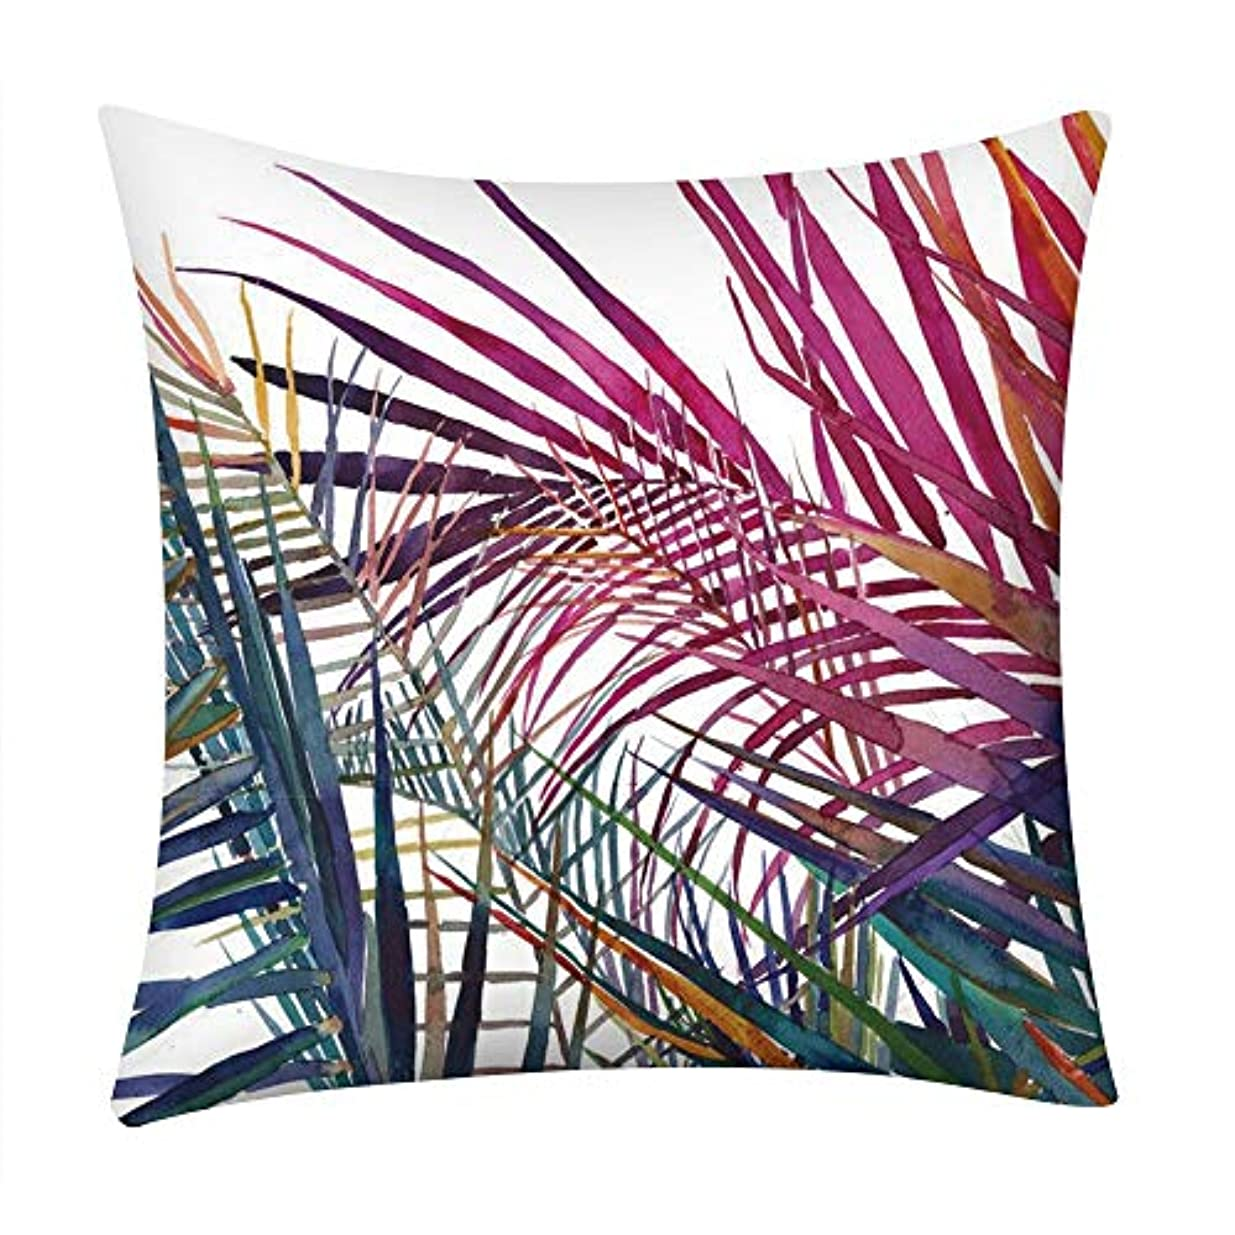 難しい学者挽くLIFE Decorative ソファプリント枕コージー用ポリエステルソファ車のクッション枕家の装飾家の装飾 coussin decoratif クッション 椅子